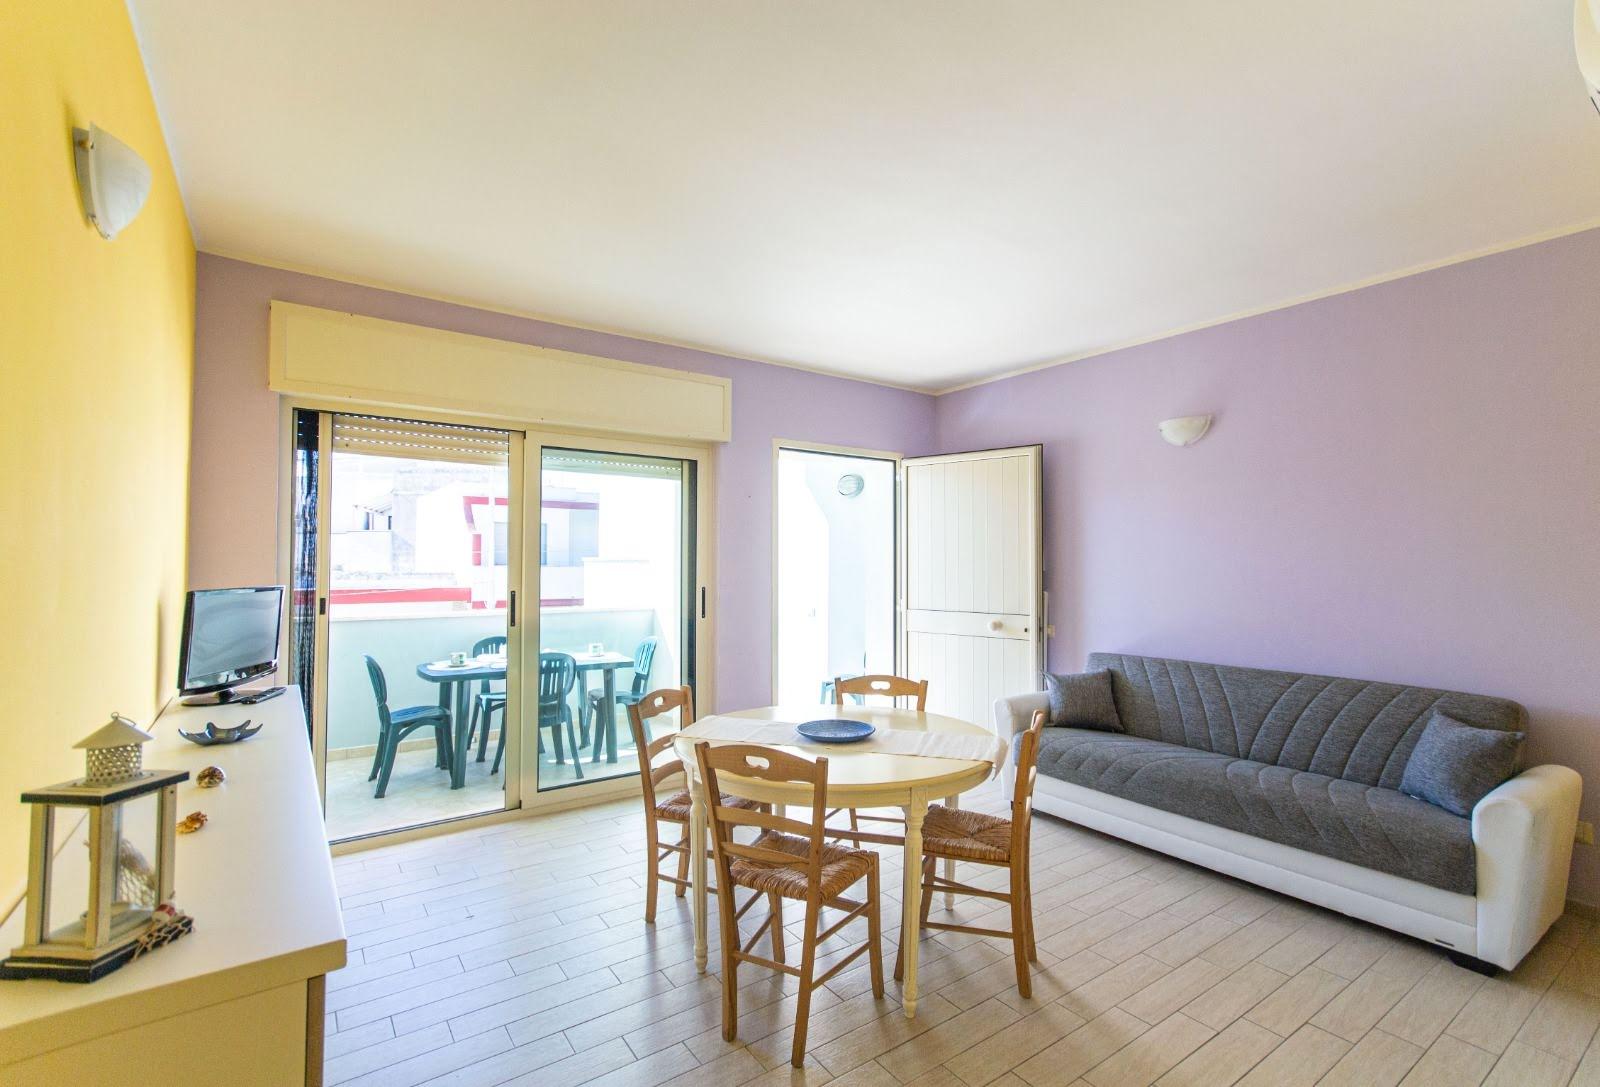 512_appartamento-volta-primo-piano_5._soggiorno_con_divano_letto.jpg